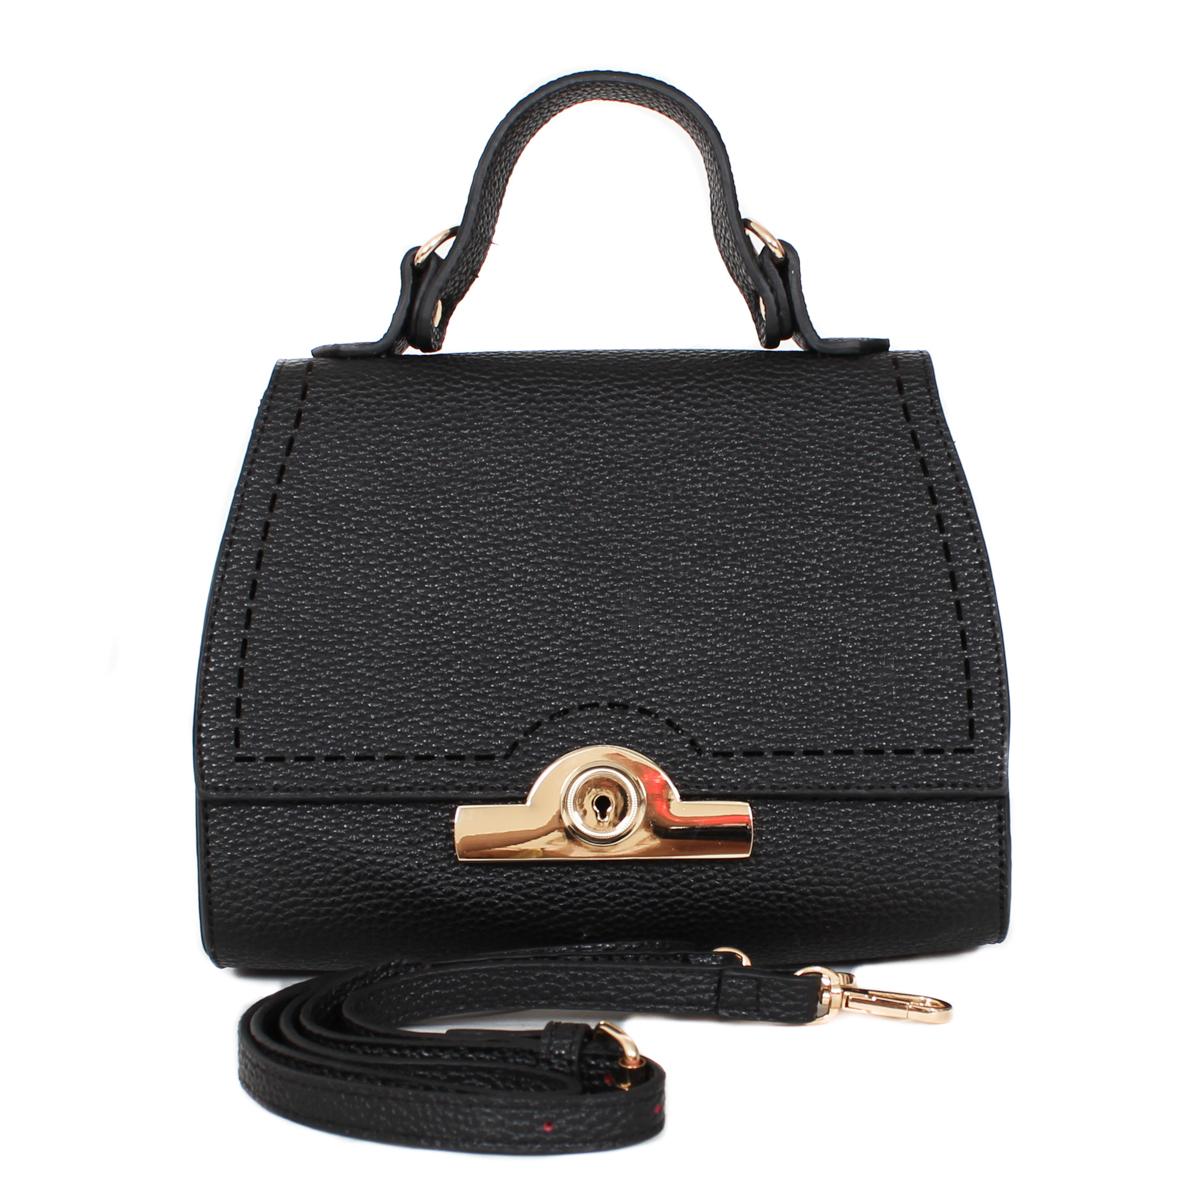 Сумка жен. Flioraj, цвет: черный. 0005138900051389Закрывается на молнию. Внутри одно отделение, один открытый карман. Длинный ремень. Высота ручки - 8 см.